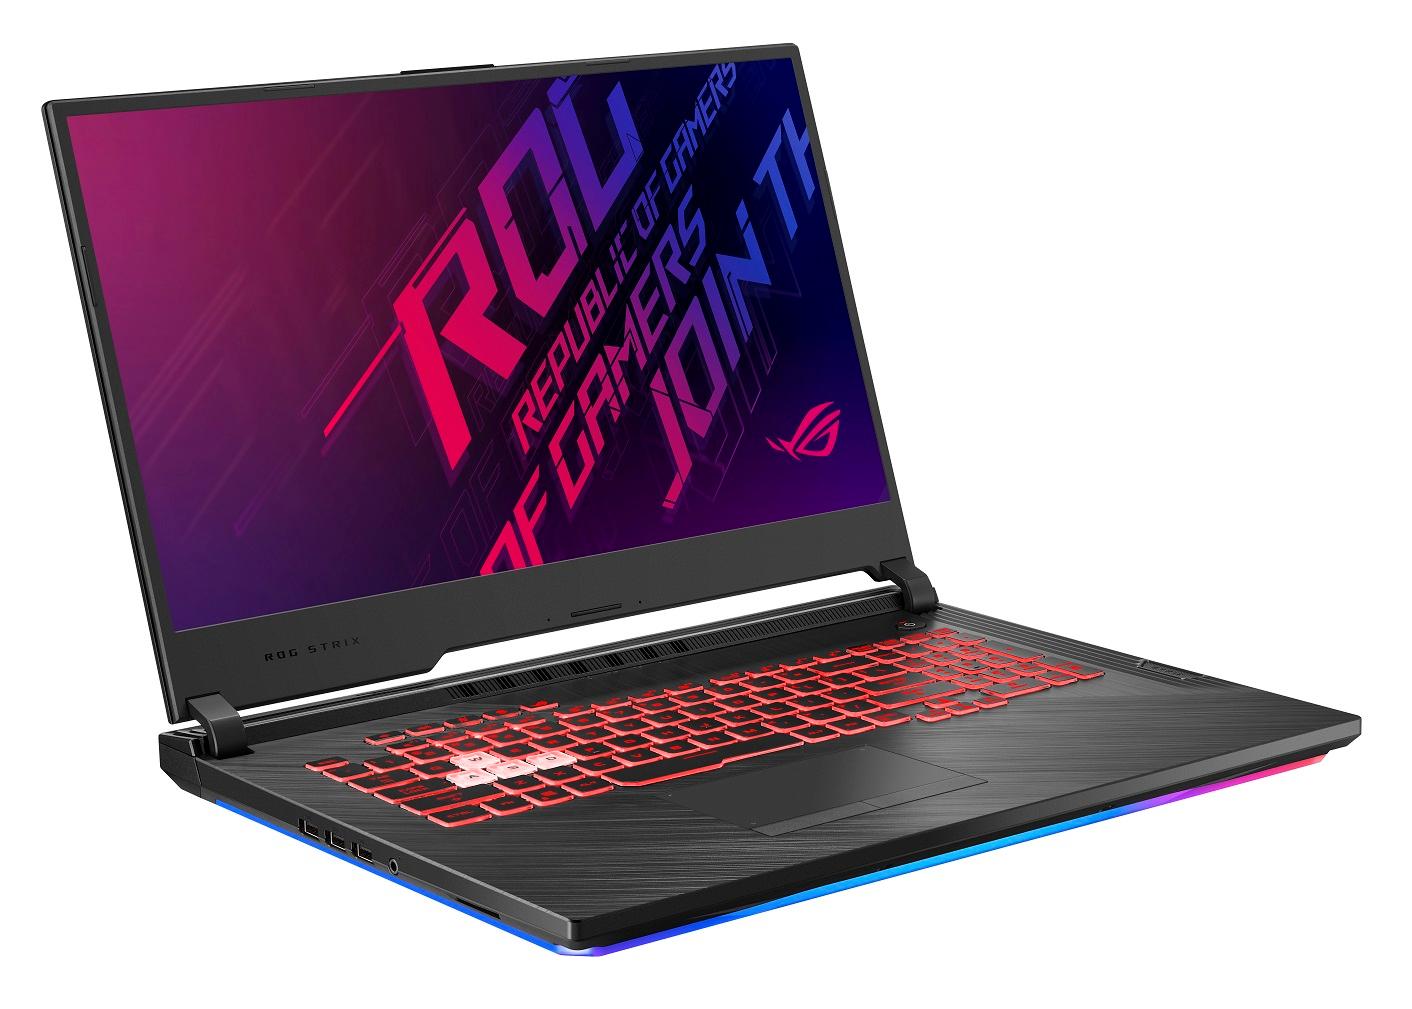 Новые игровые ноутбуки Asus ROG стали доступны в России12